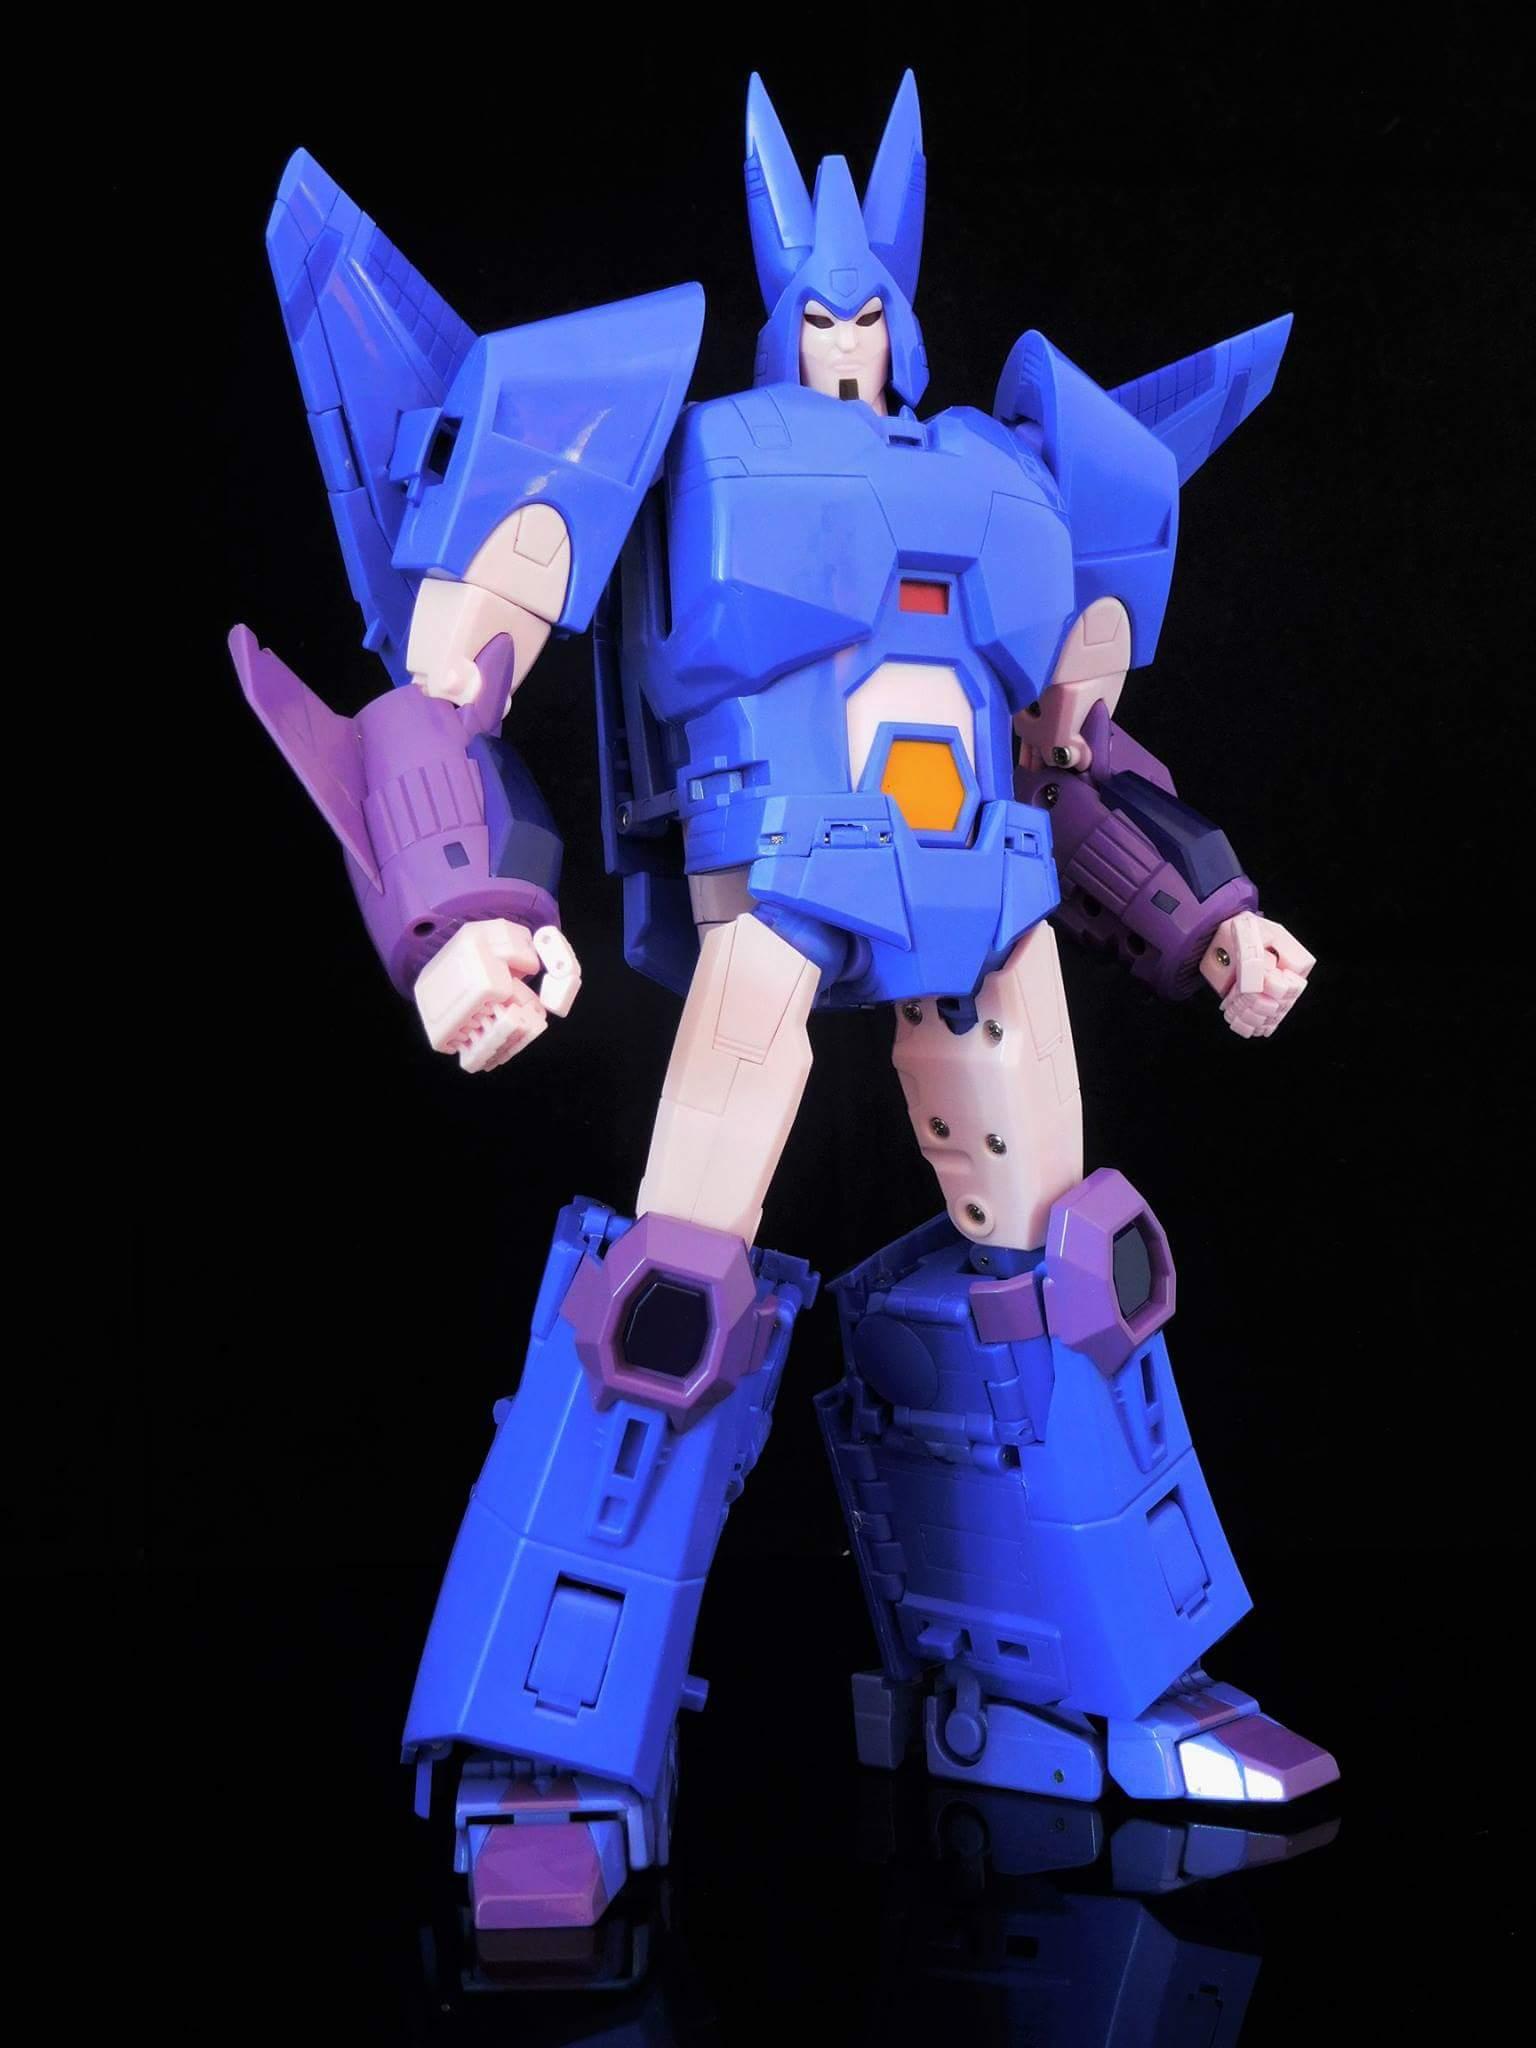 [X-Transbots] Produit Tiers - MX-III Eligos - aka Cyclonus - Page 2 Ox5dpR9X